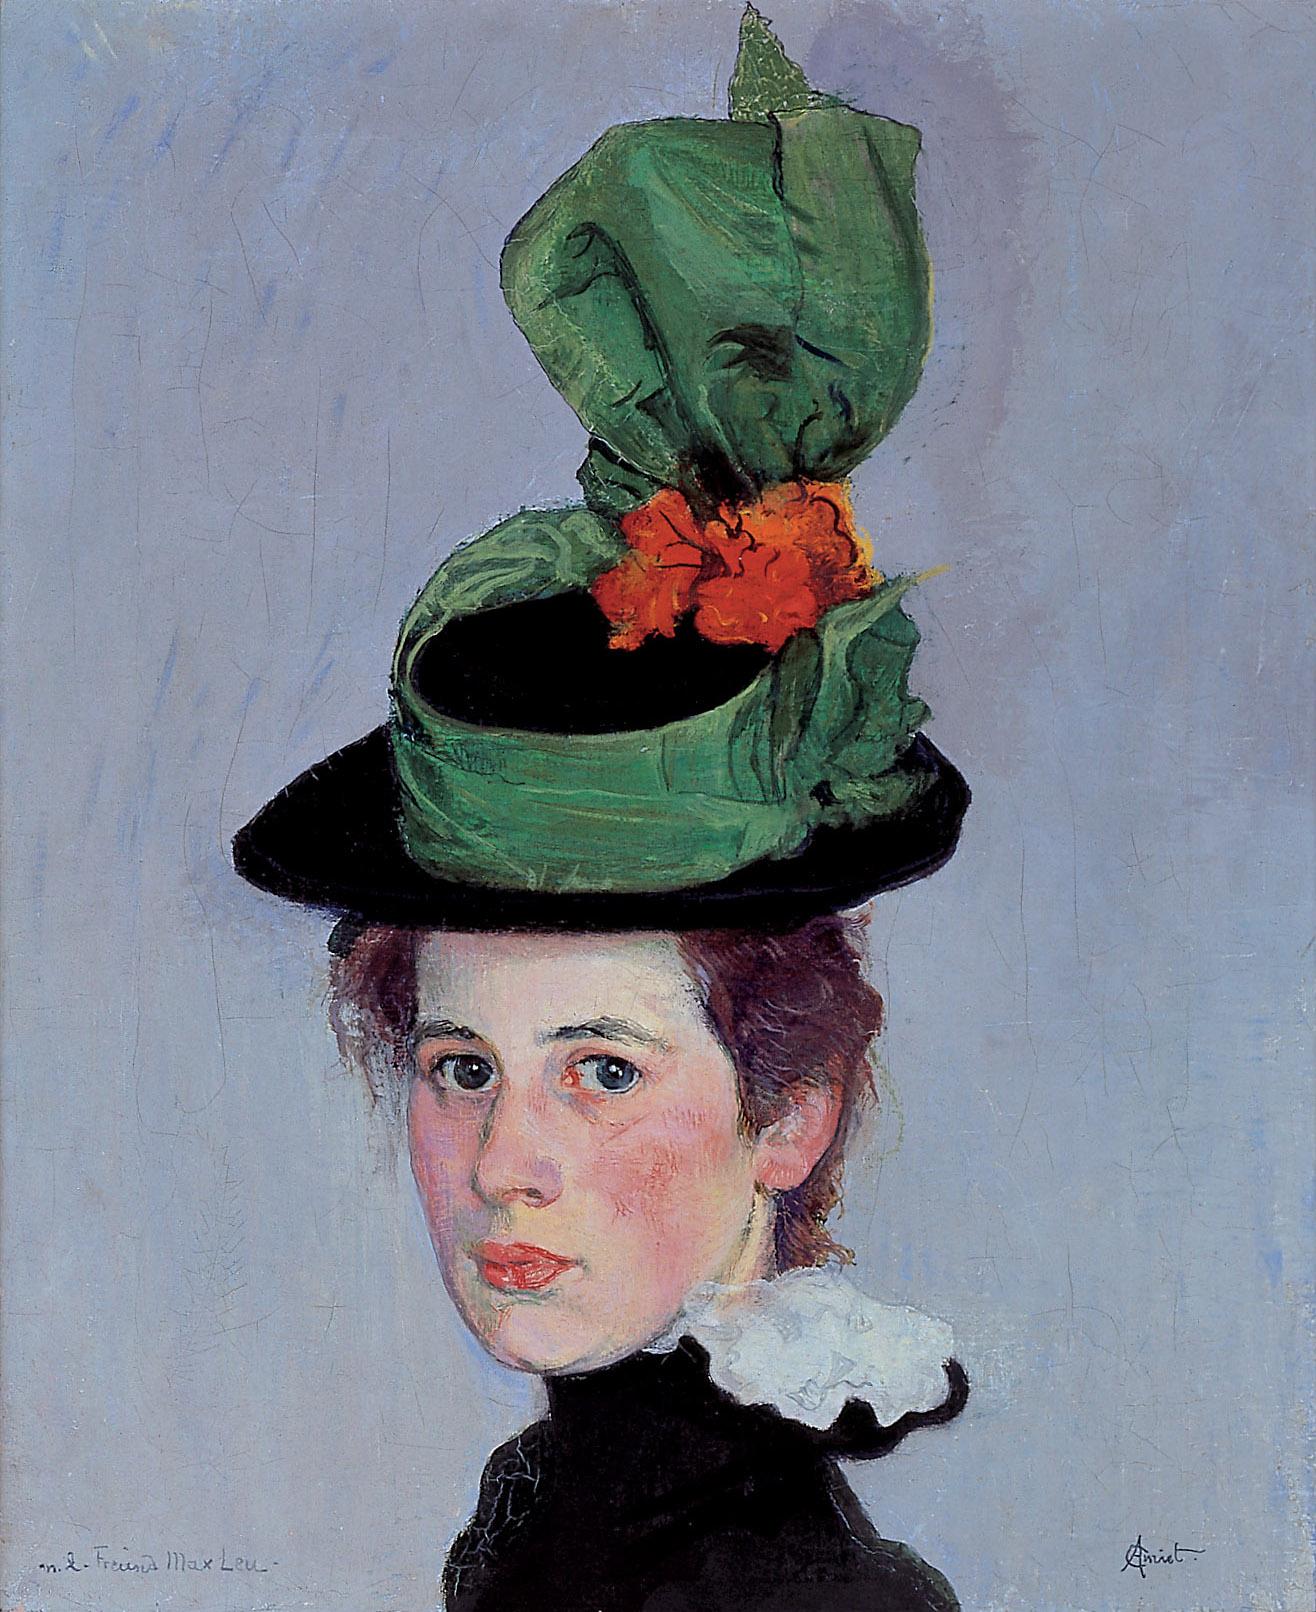 Cuno Amiet, Der grüne Hut, 1897/98 - ausgestellt in Venedig, 1934